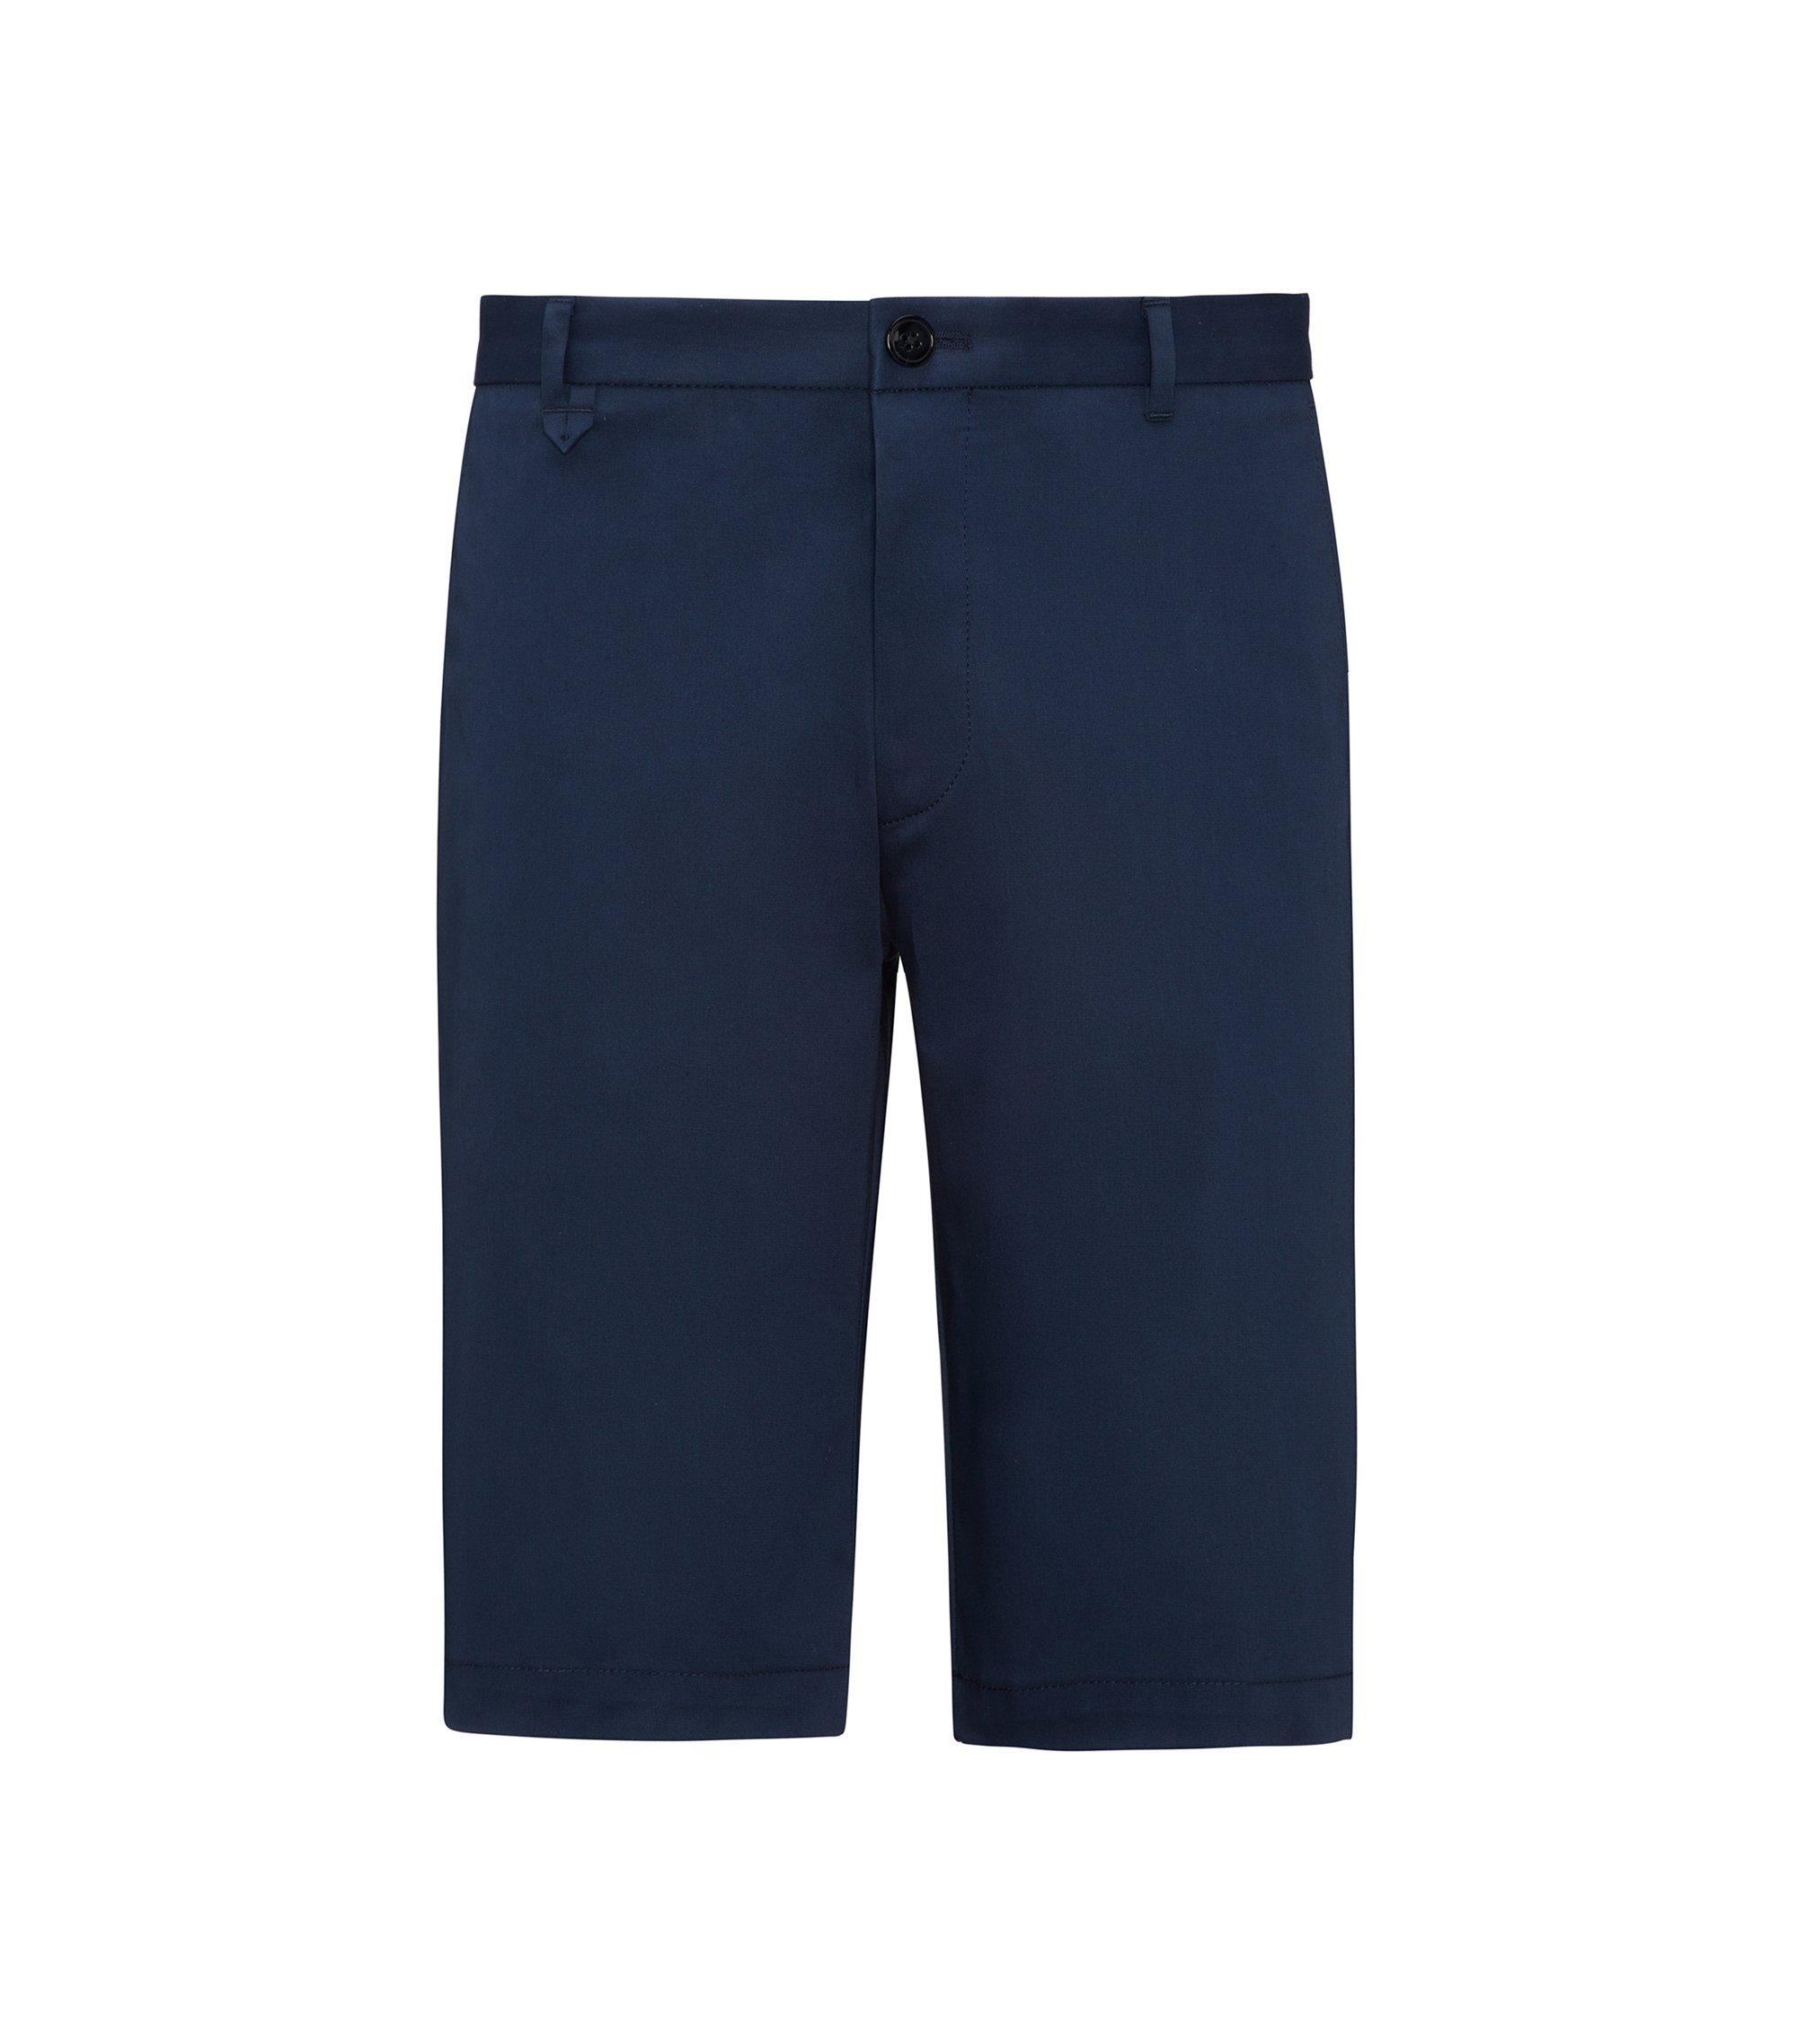 Flatfront-Shorts aus feiner Stretch-Gabardine, Dunkelblau